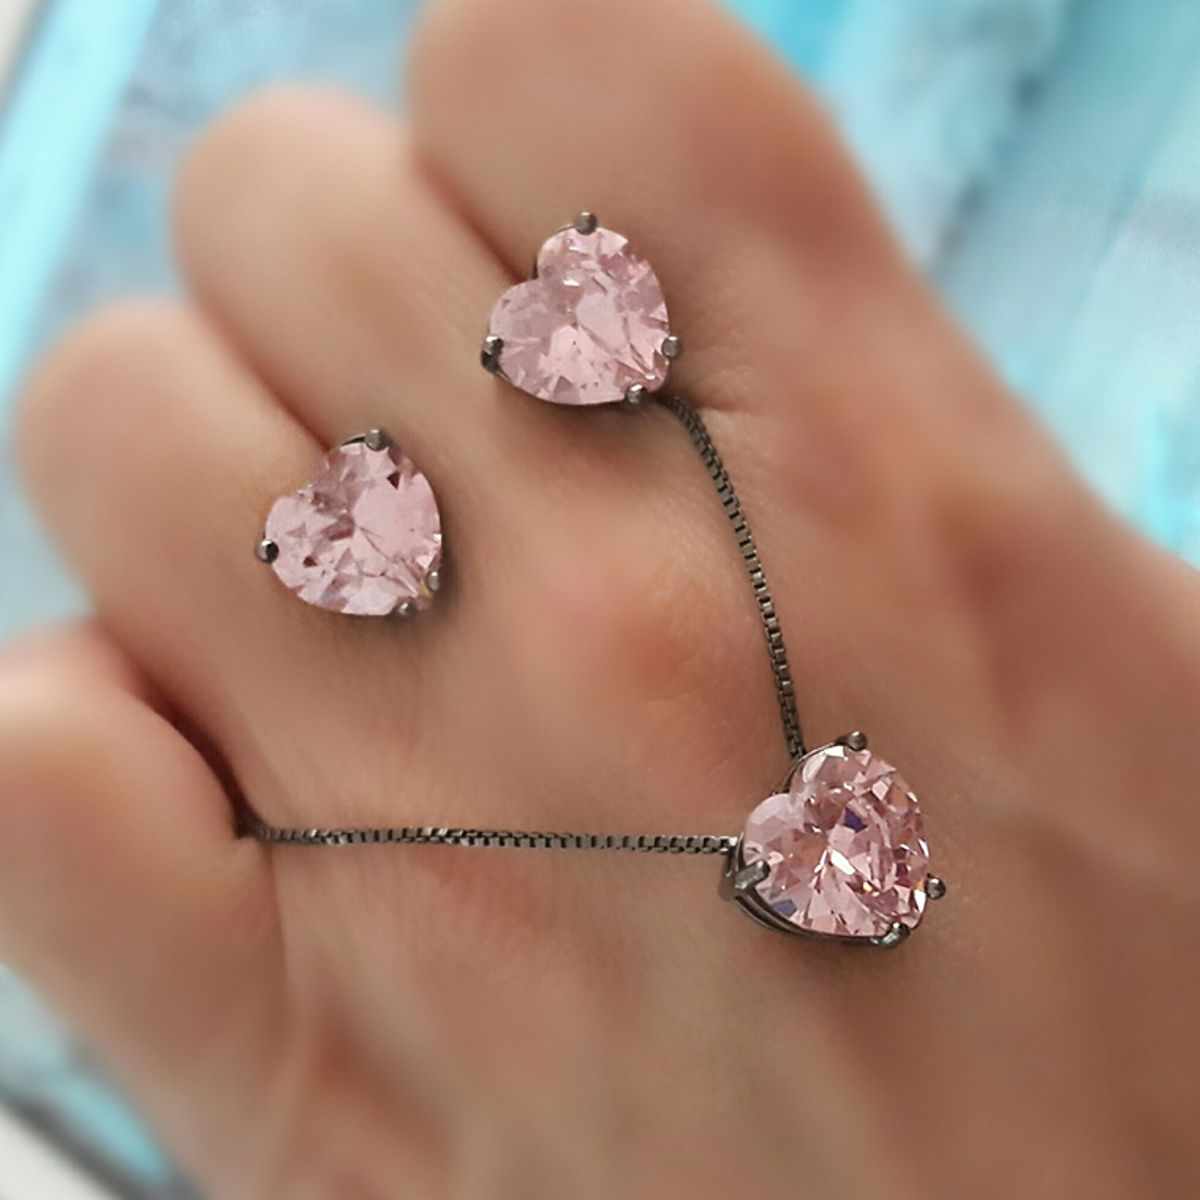 Brinco Coração Zircônia Rosa 10 mm Semijoia em Ródio Negro  - Soloyou